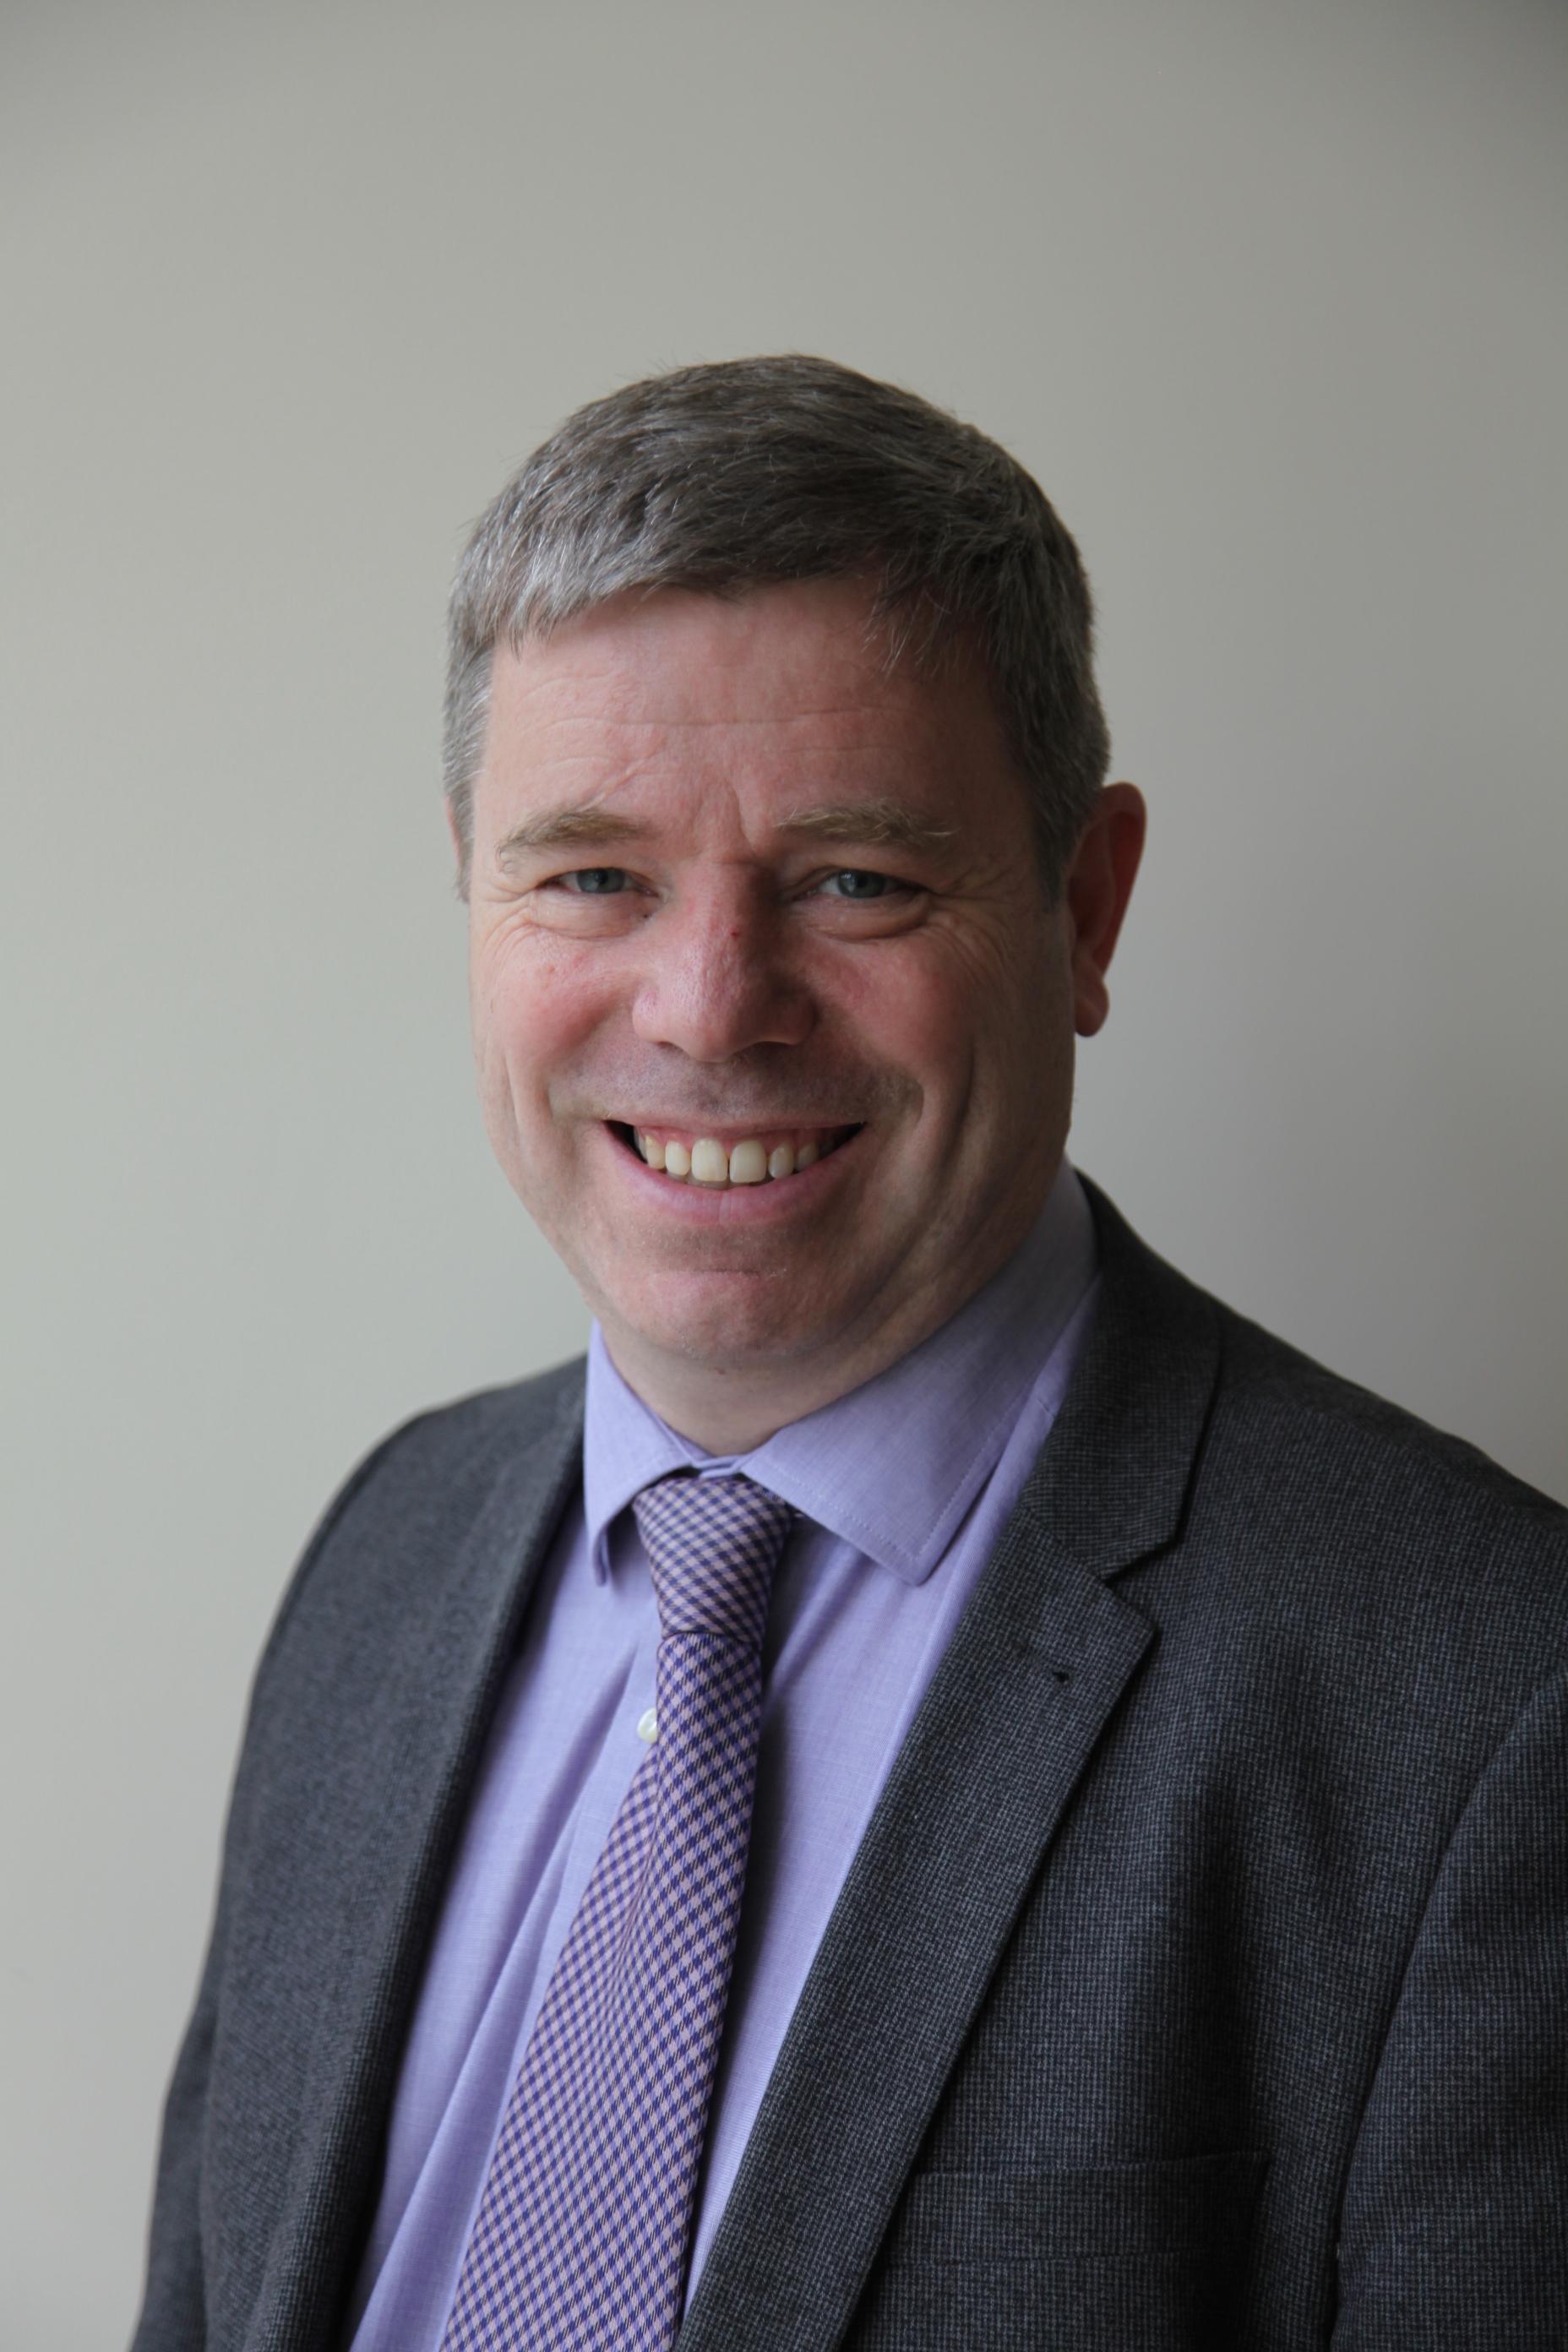 Joe McArdle